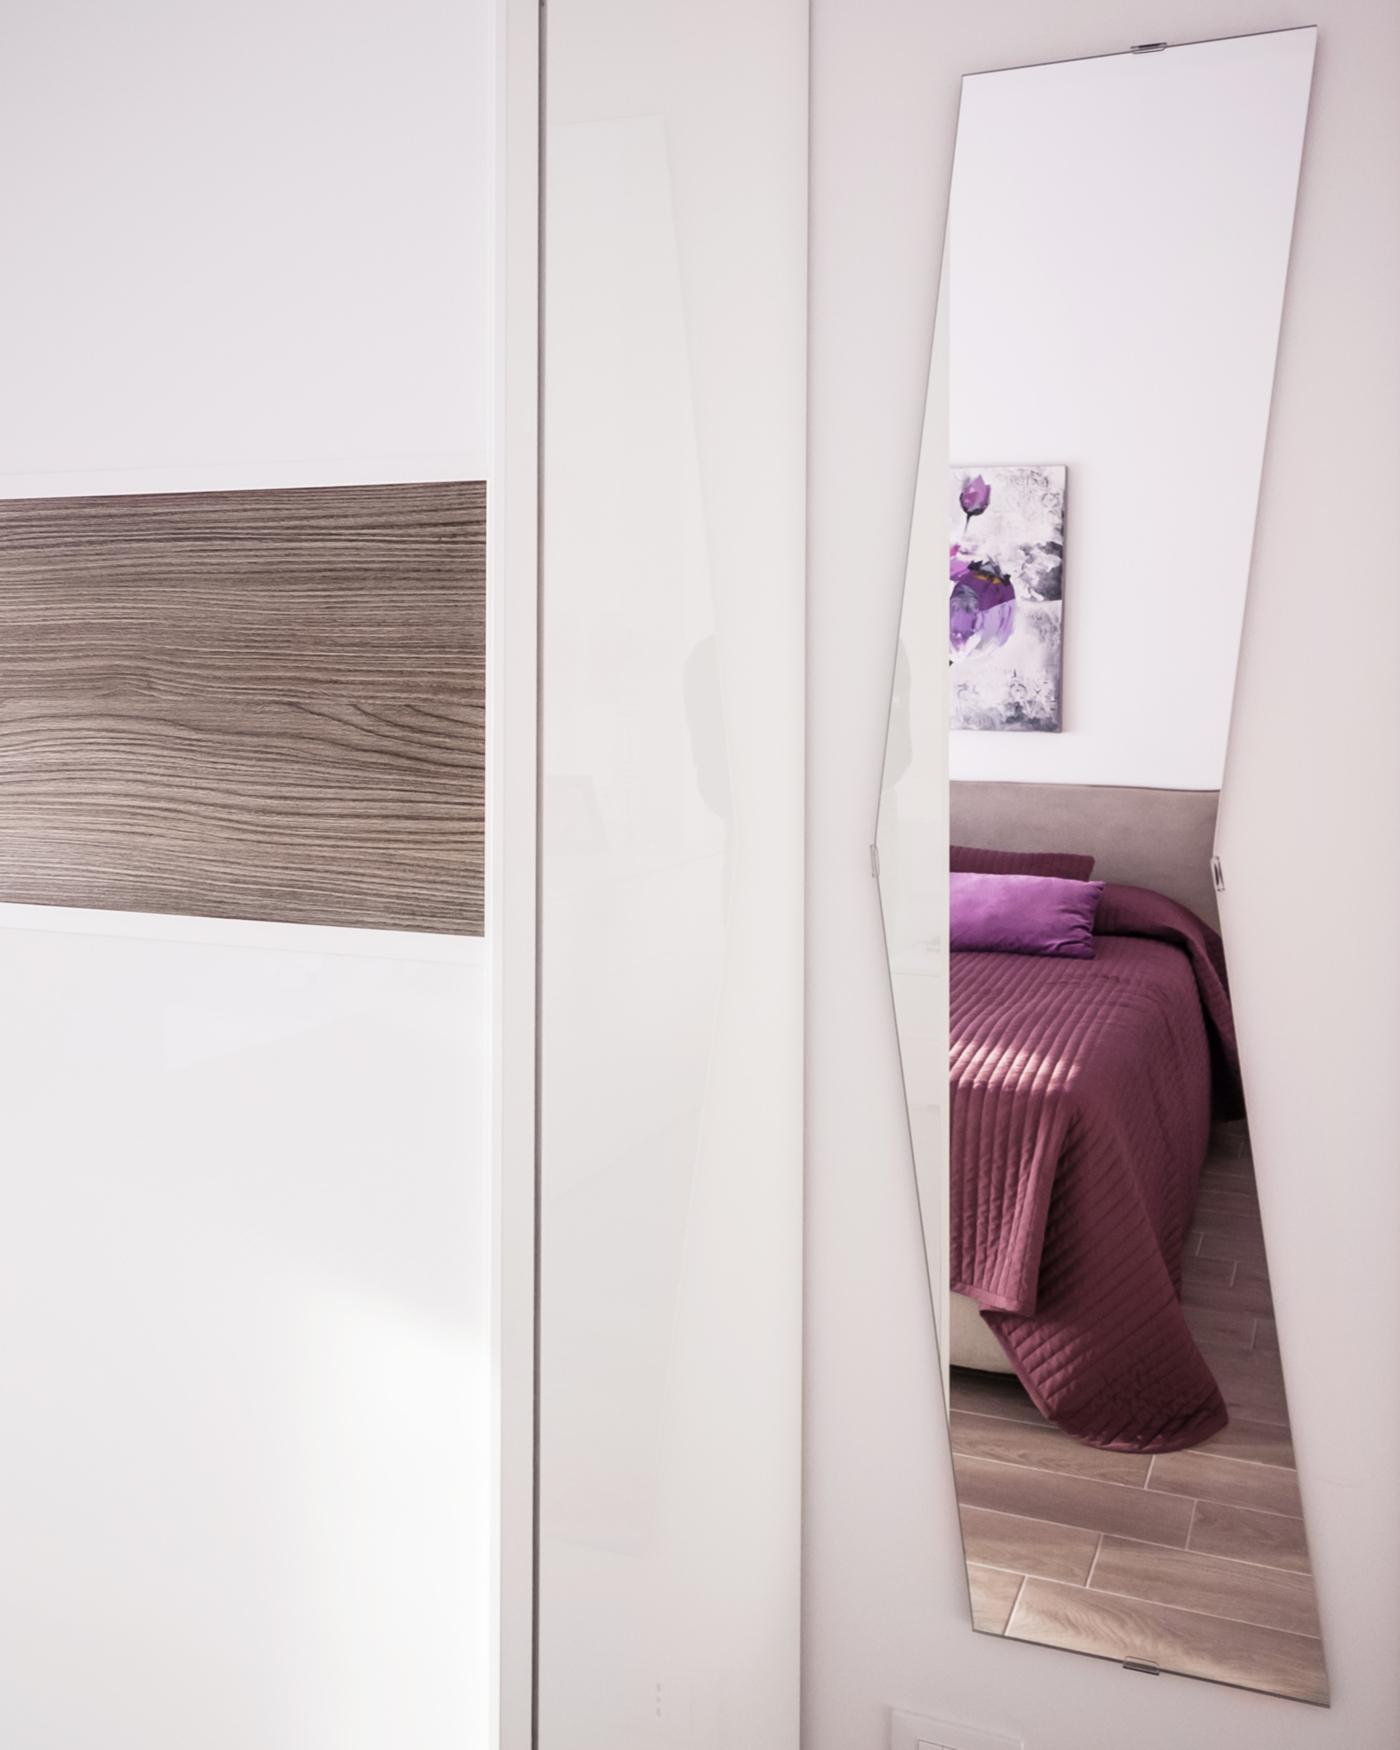 Una ristrutturazione che moltiplica gli spazi in un'appartamento degli anni '70, Giocare con gli specchi per creare nuovi scorci | Bottega di Architettura